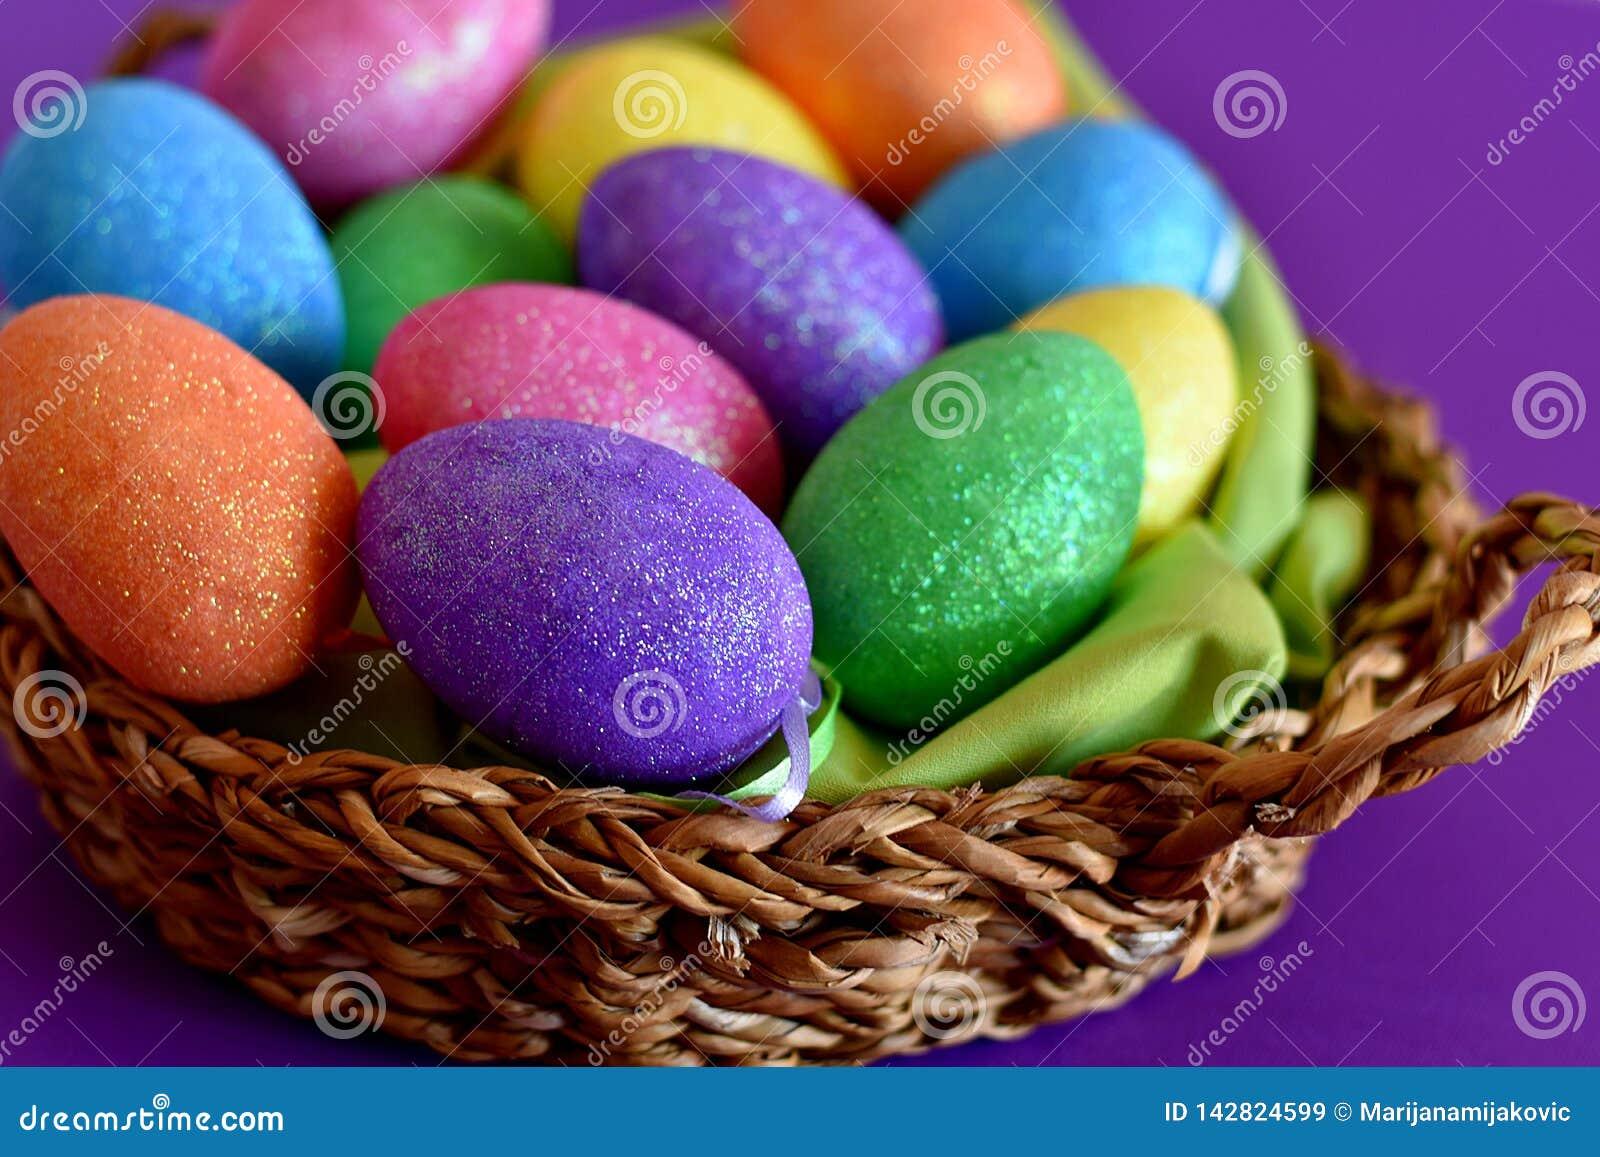 Huevos de Pascua coloreados chispeantes del caramelo que brillan en una cesta de mimbre